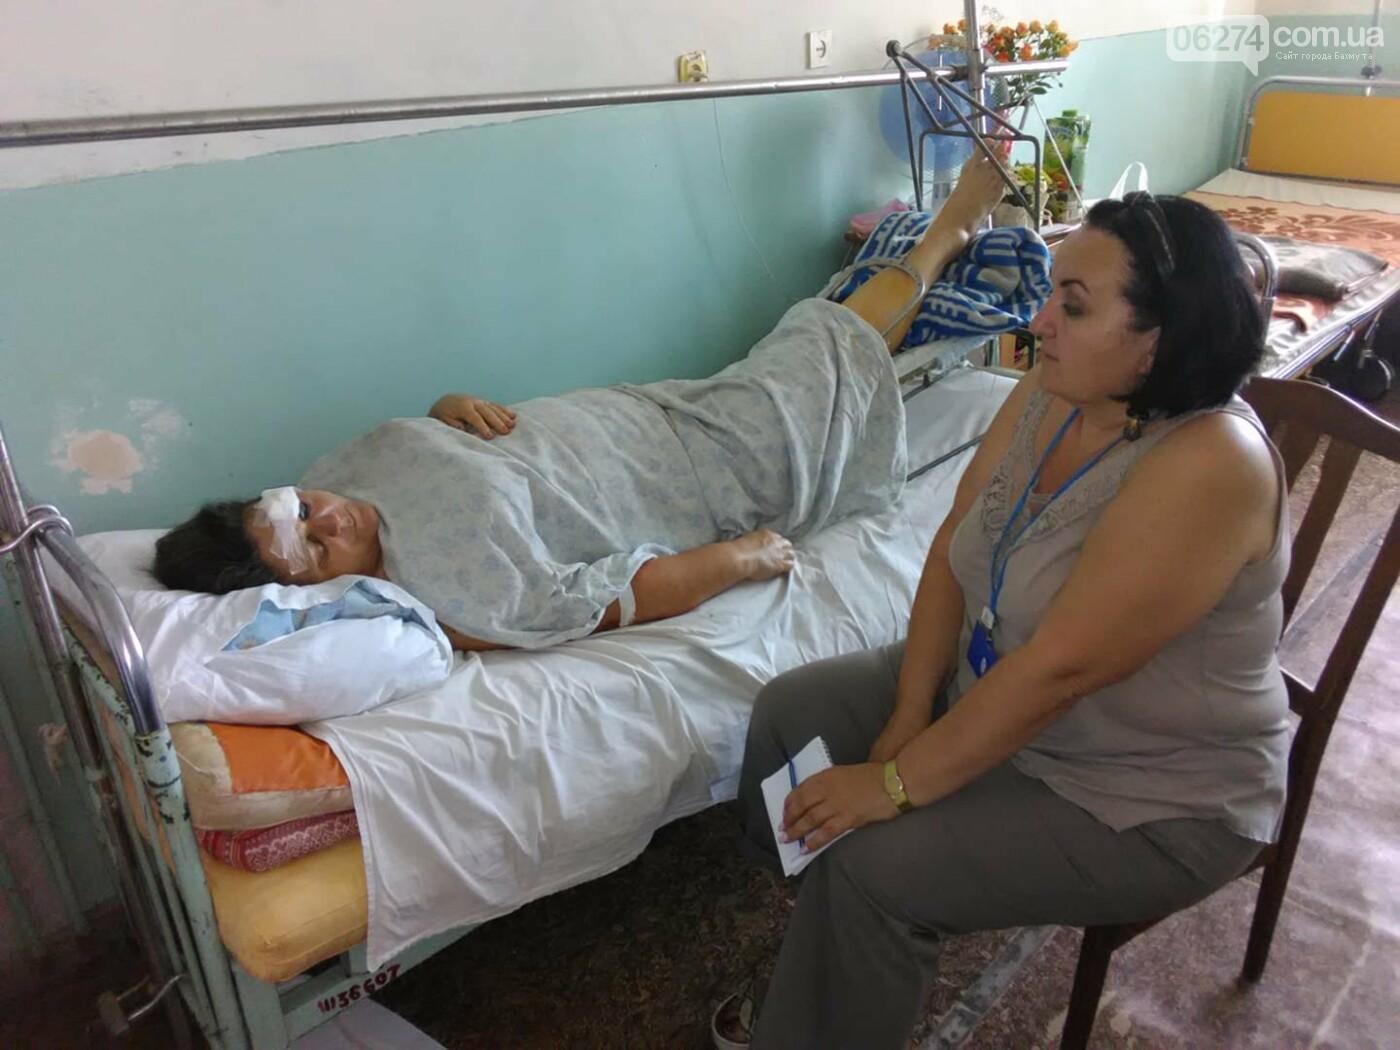 В Бахмутском районе в результате аварии три человека погибли, семь человек получили тяжелые травмы, фото-5